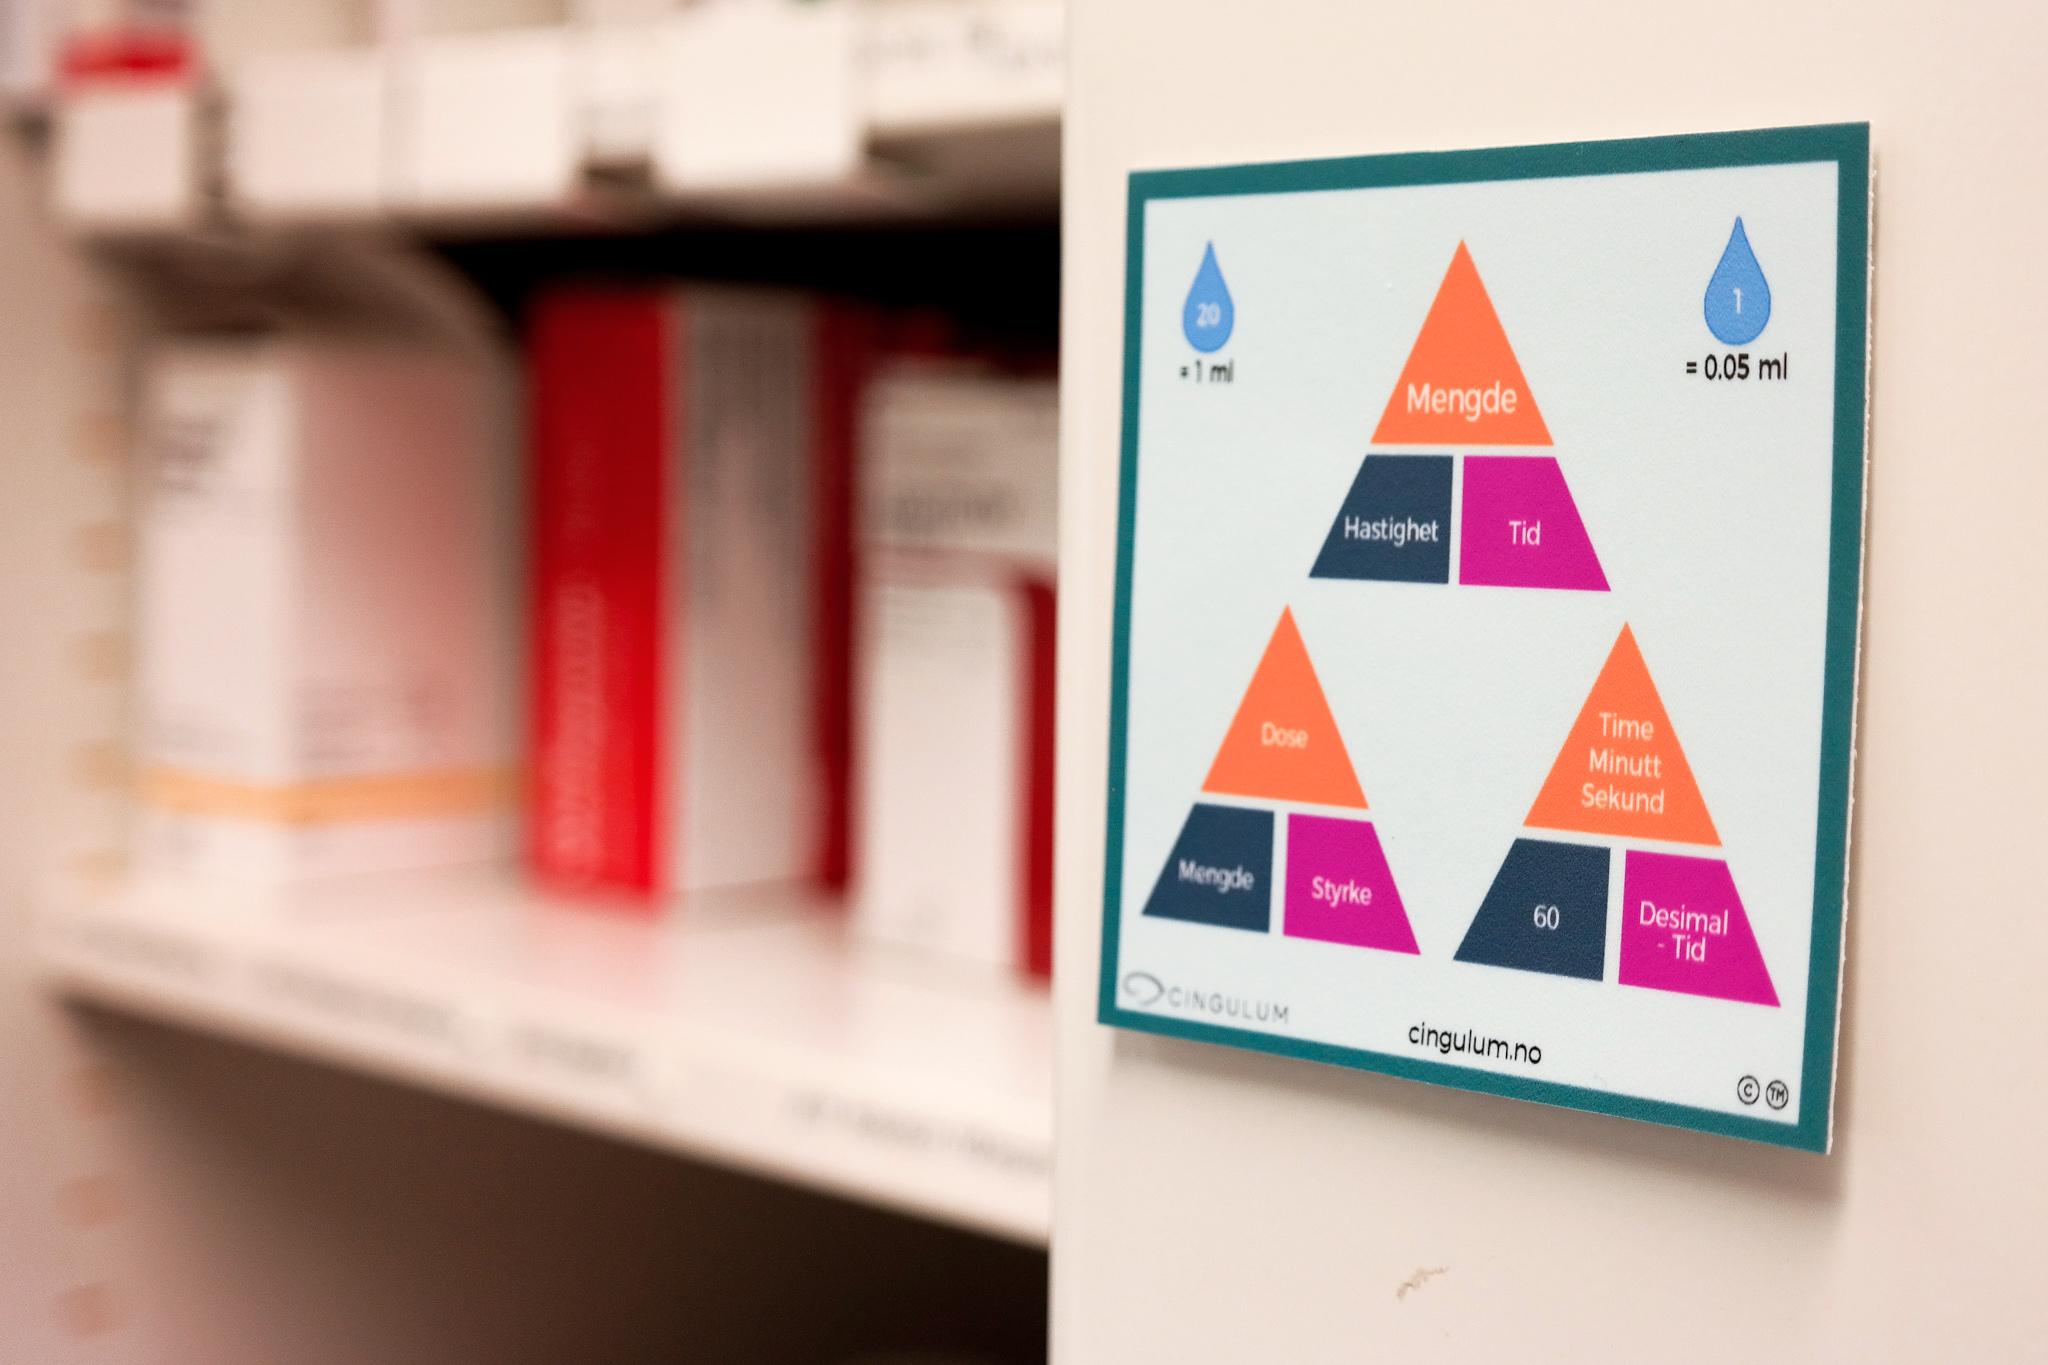 Bilde av legemiddelregningsklistremerke fra Cingulum